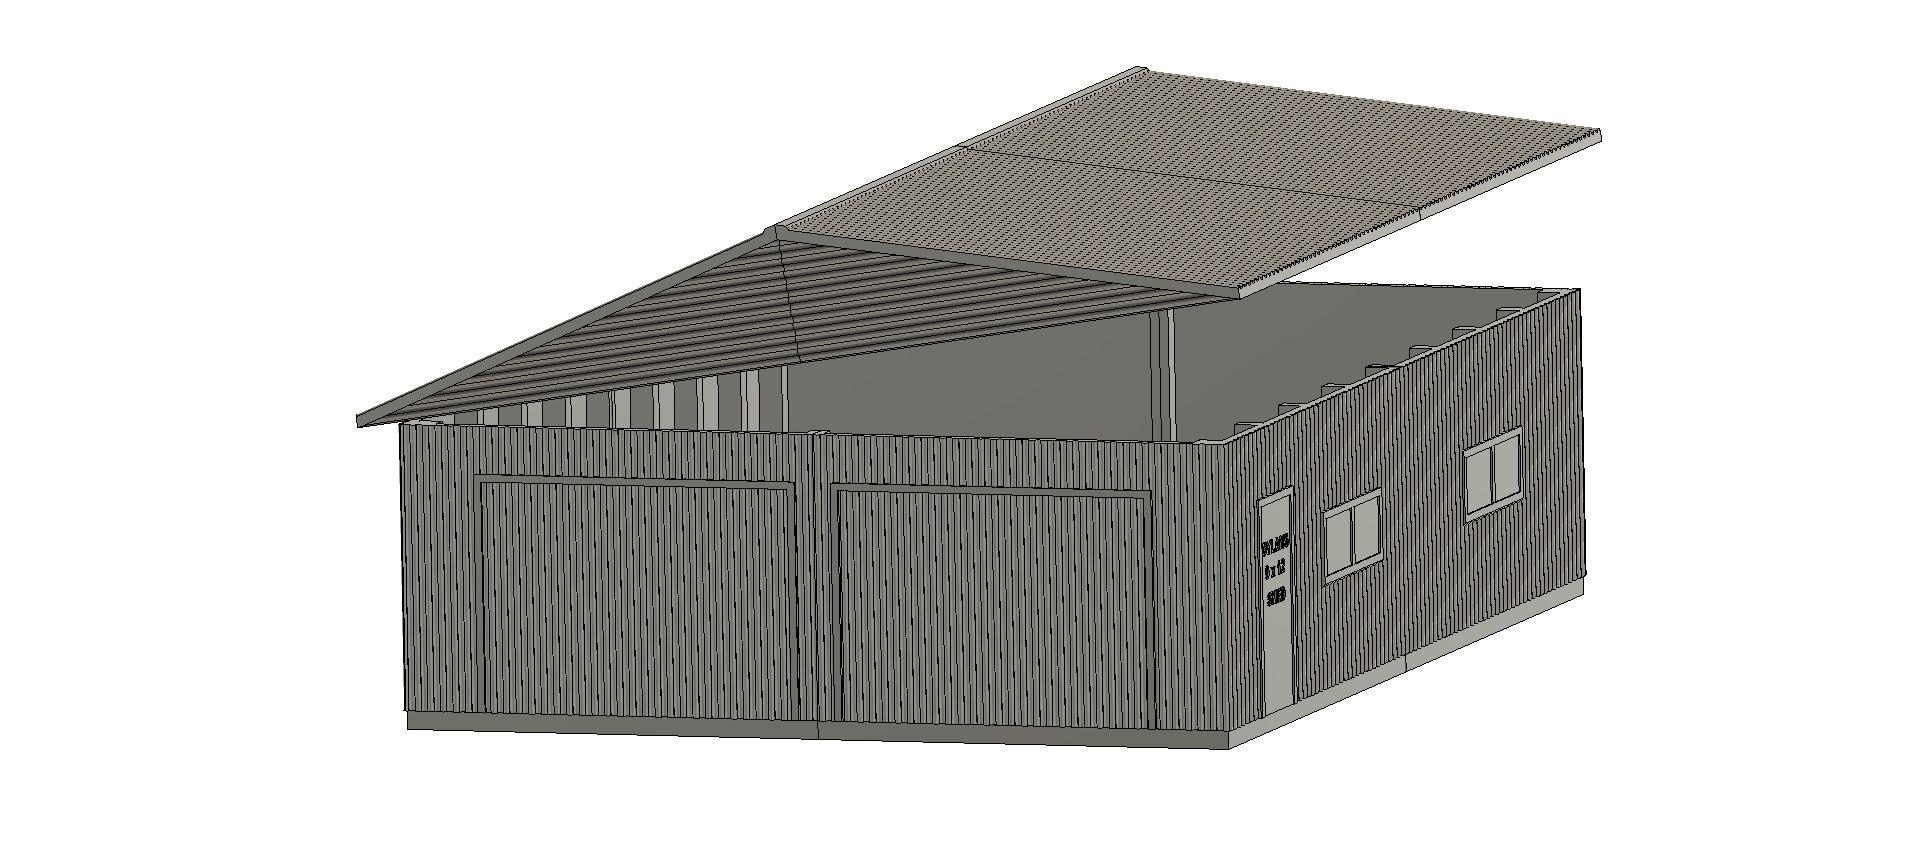 Dylans-9x12-shed-v6-3-3500-3500